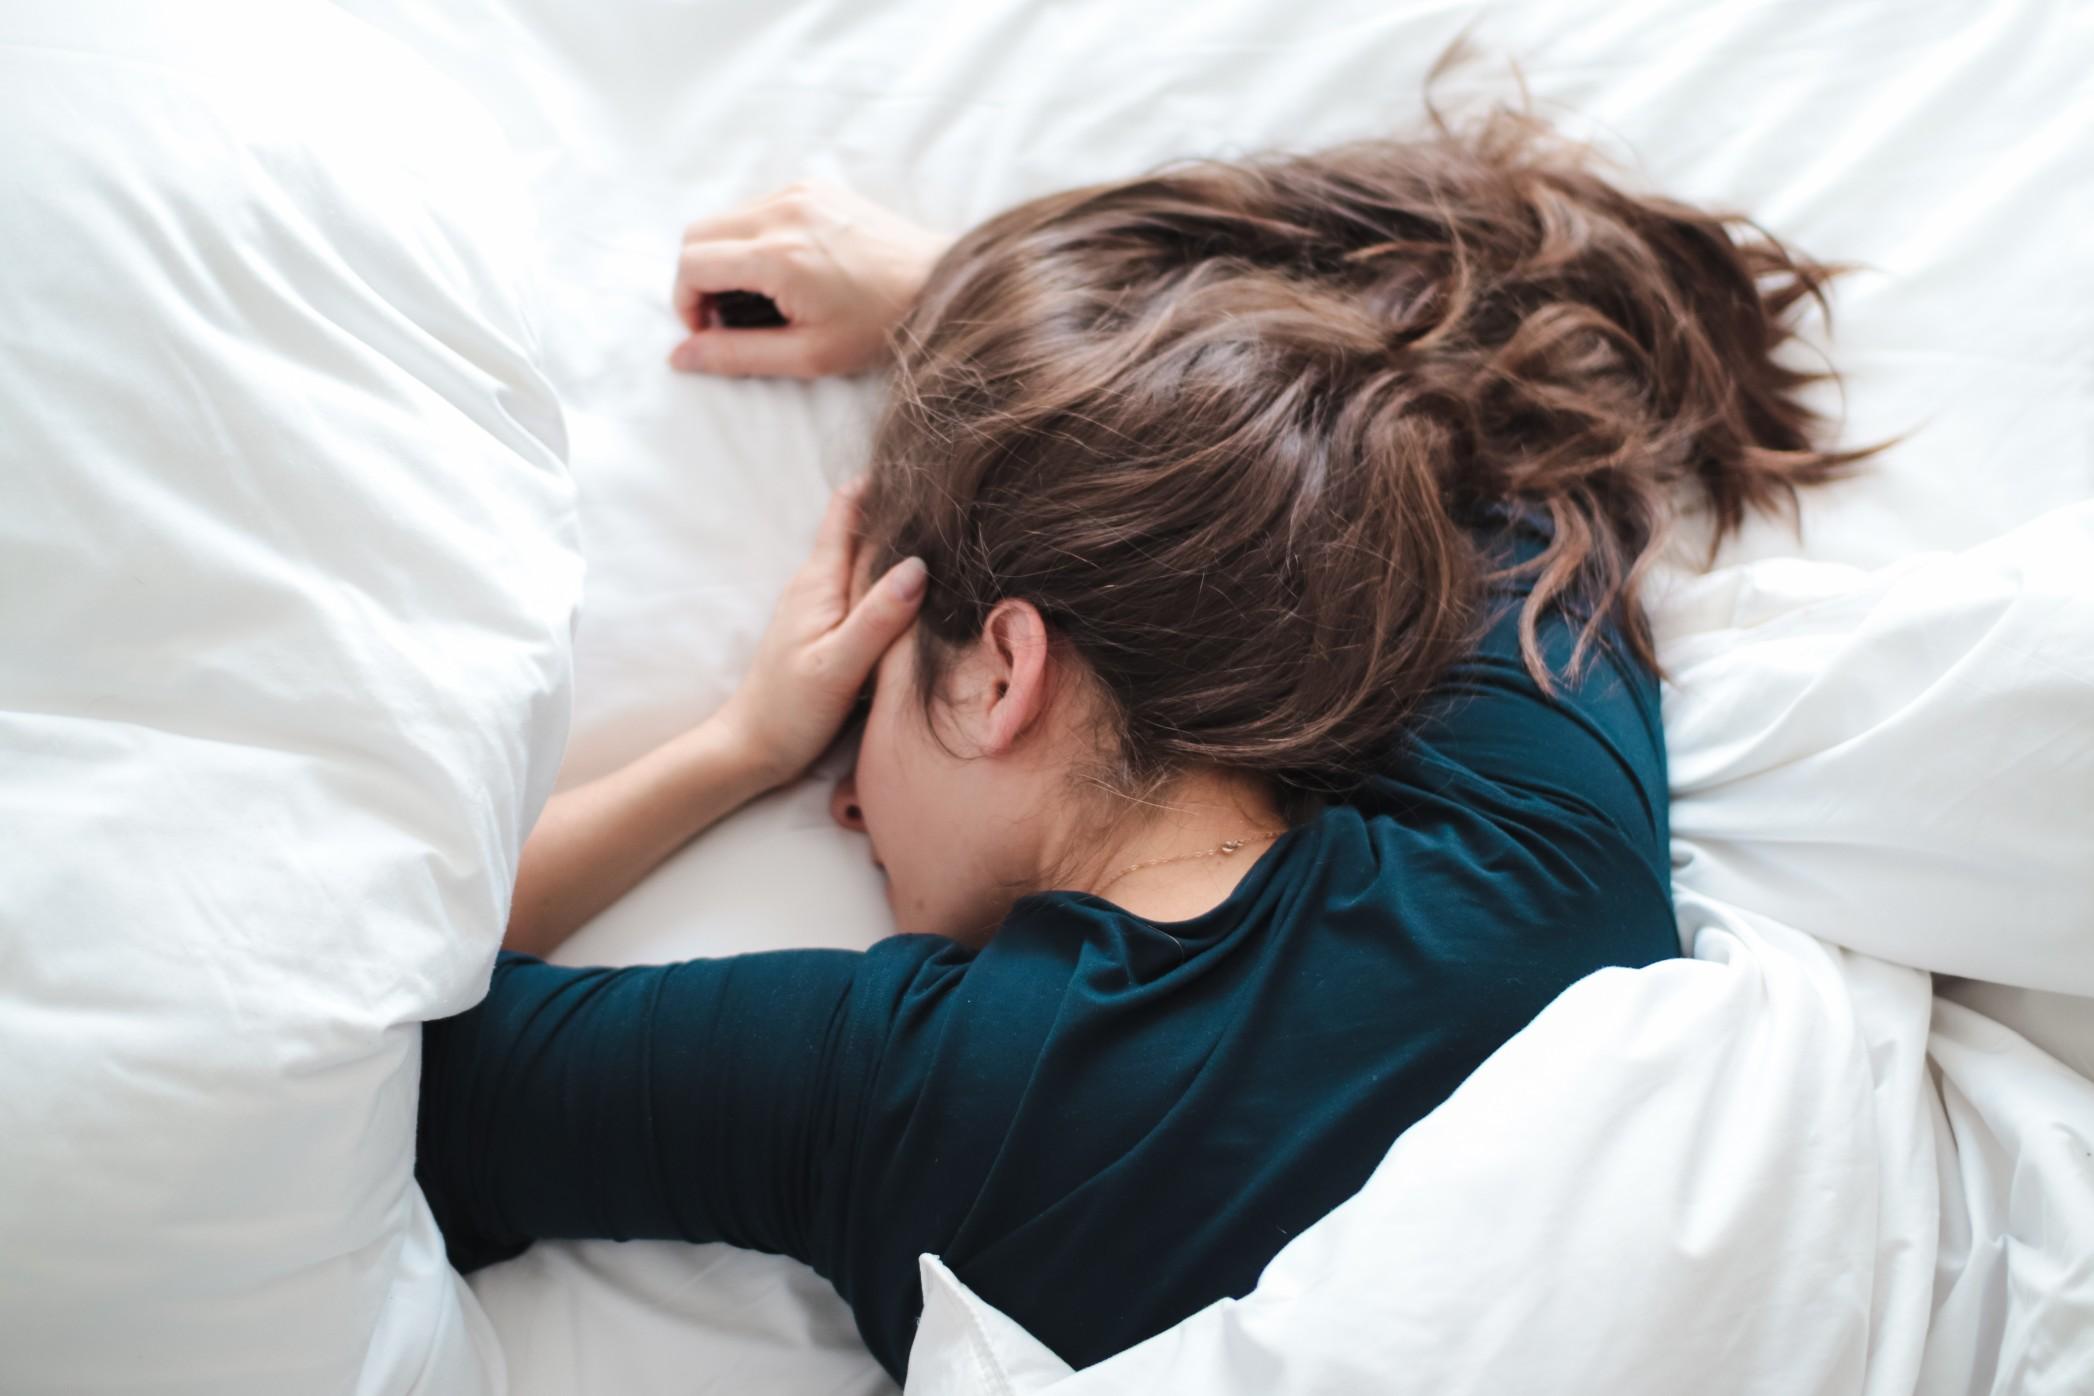 Efectos psicológicos de un nuevo confinamiento: depresión, ansiedad, adicciones